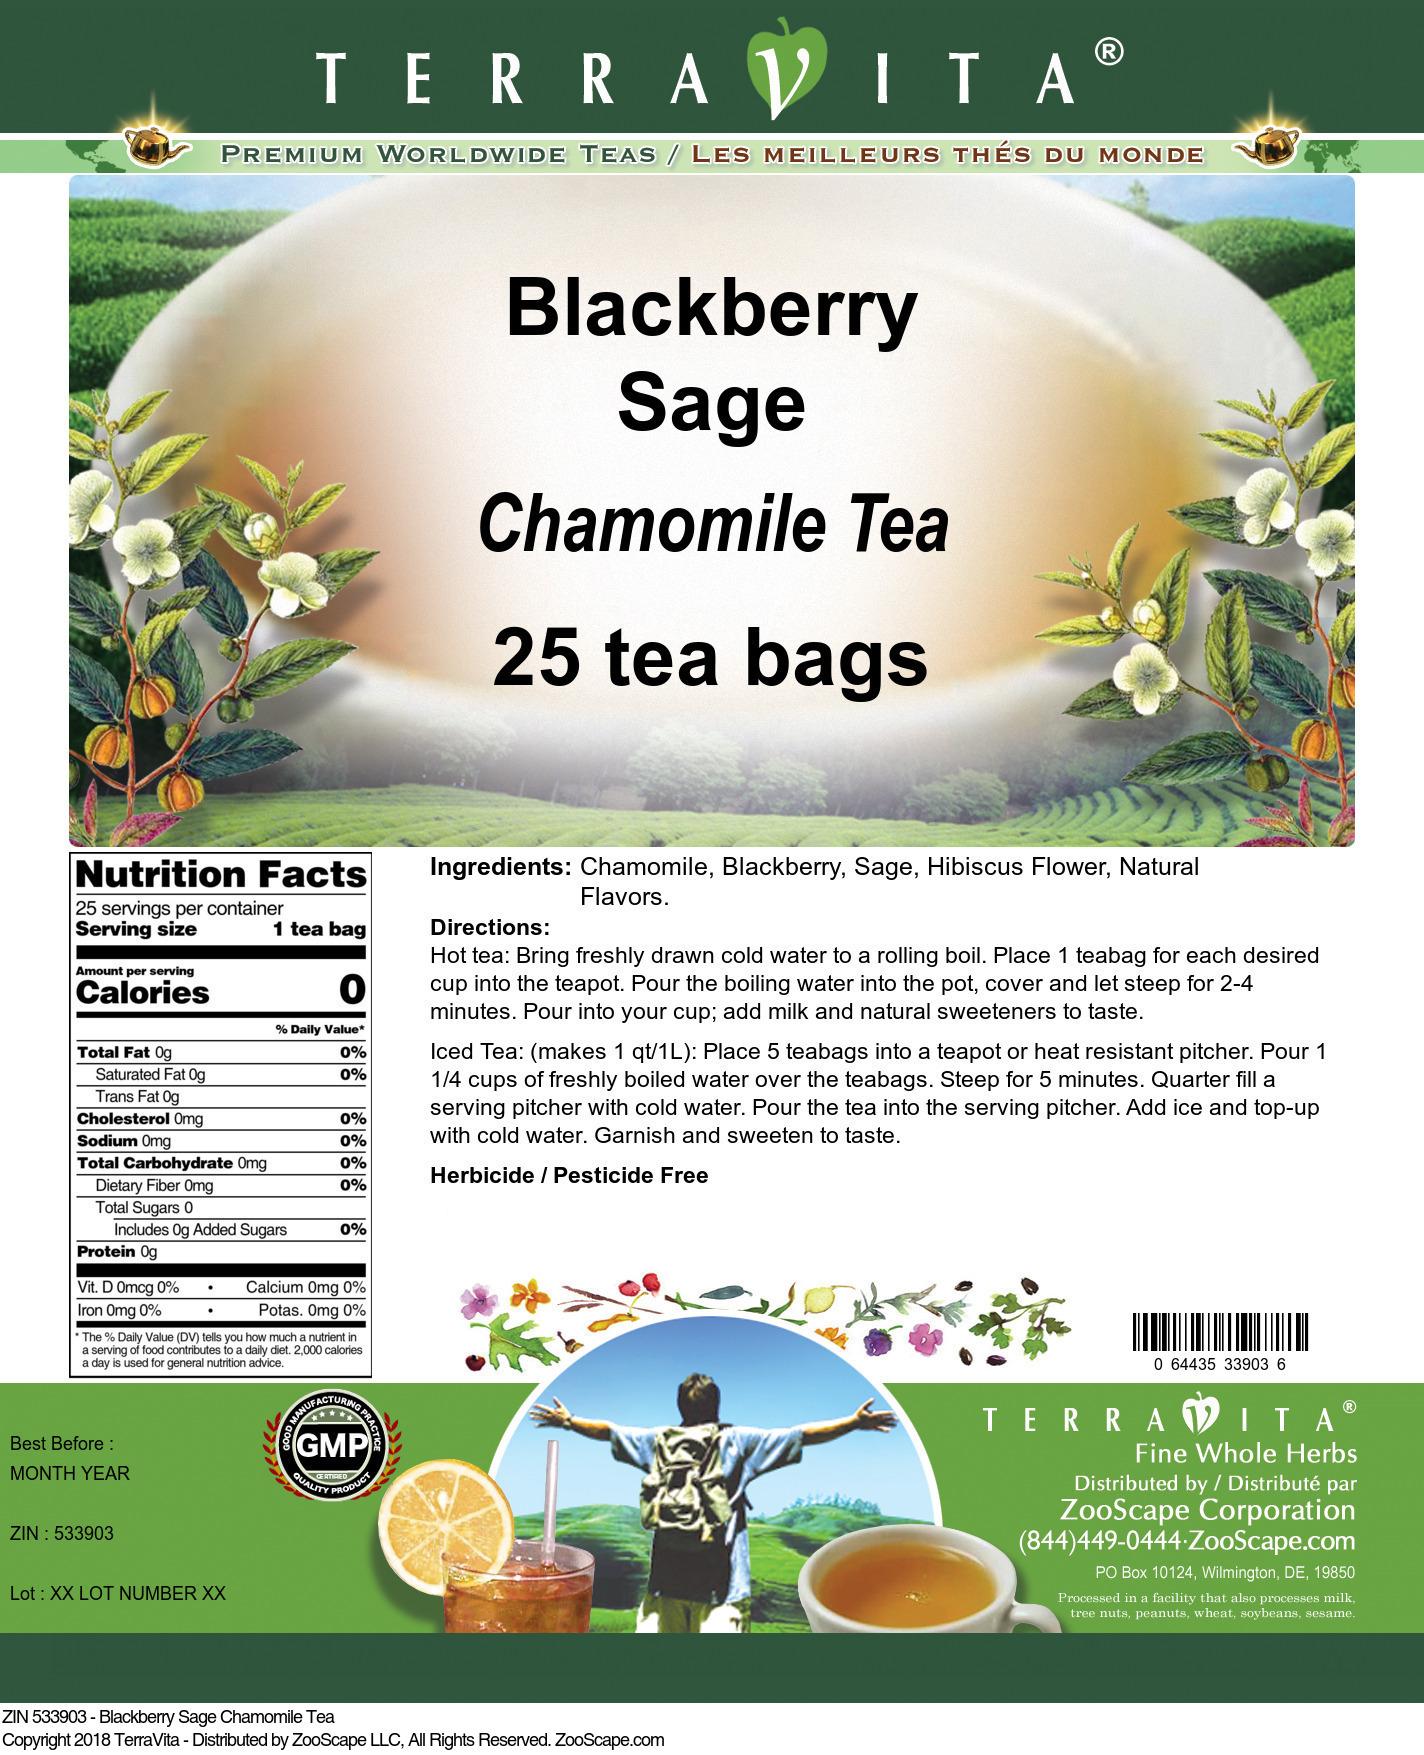 Blackberry Sage Chamomile Tea